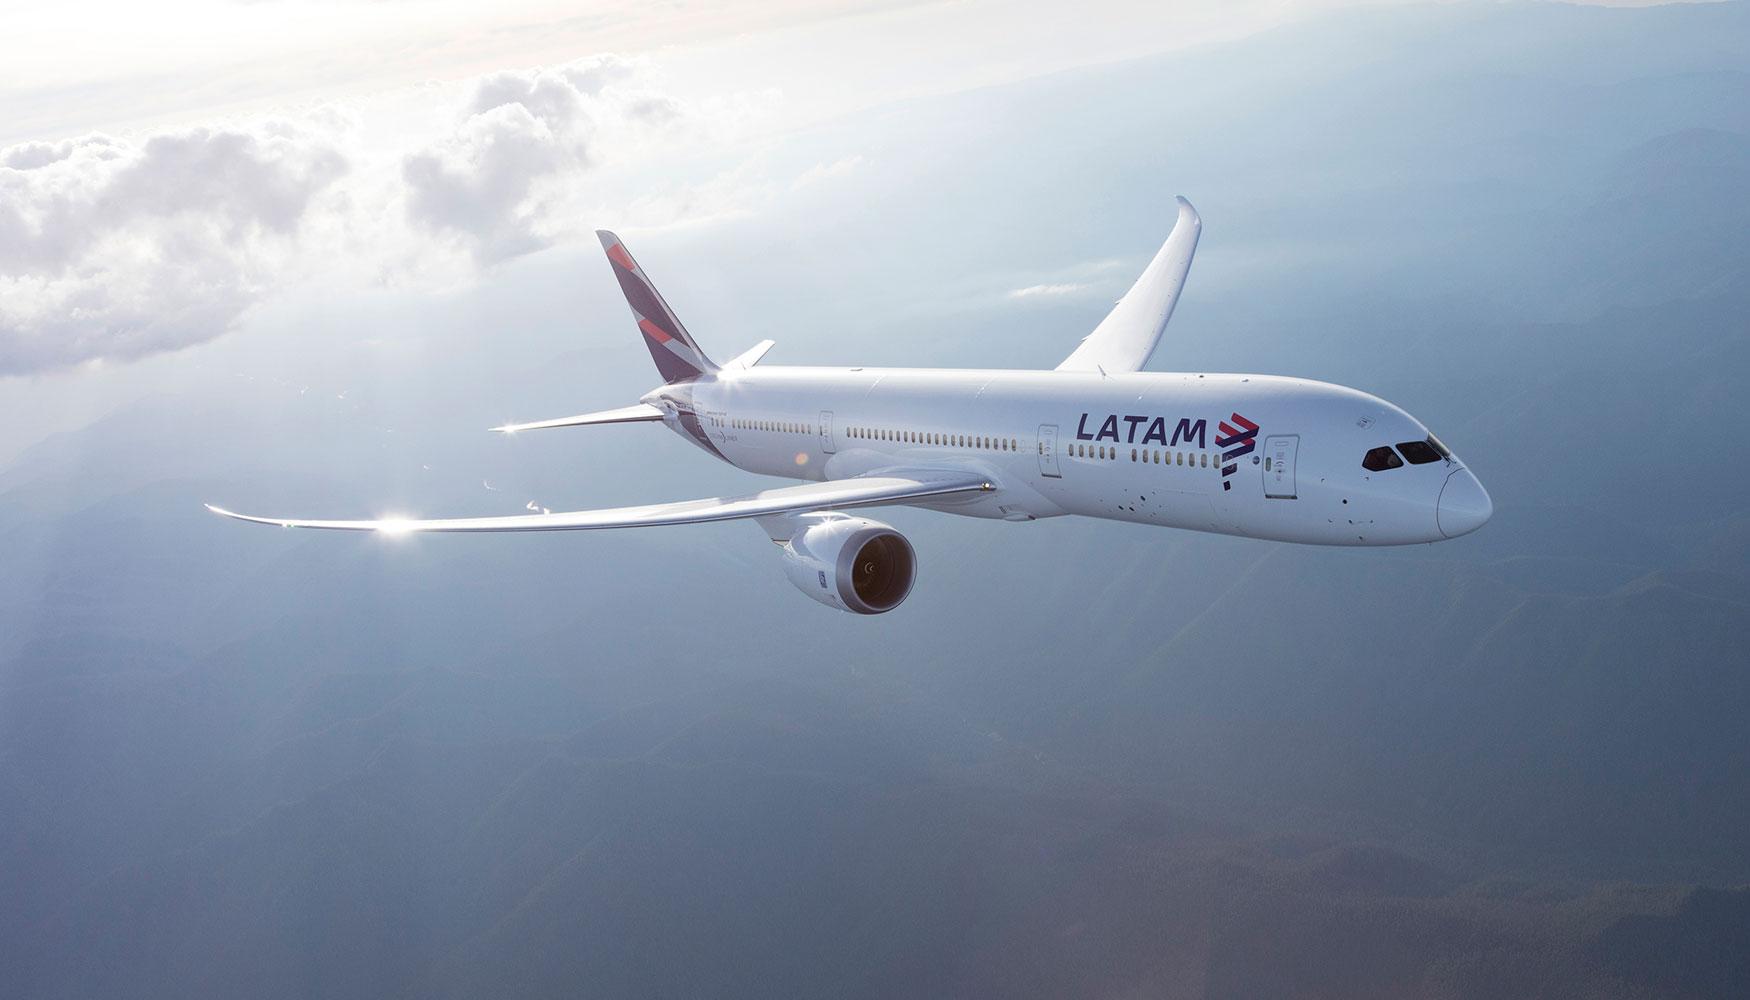 Resultado de imagen para latam airlines